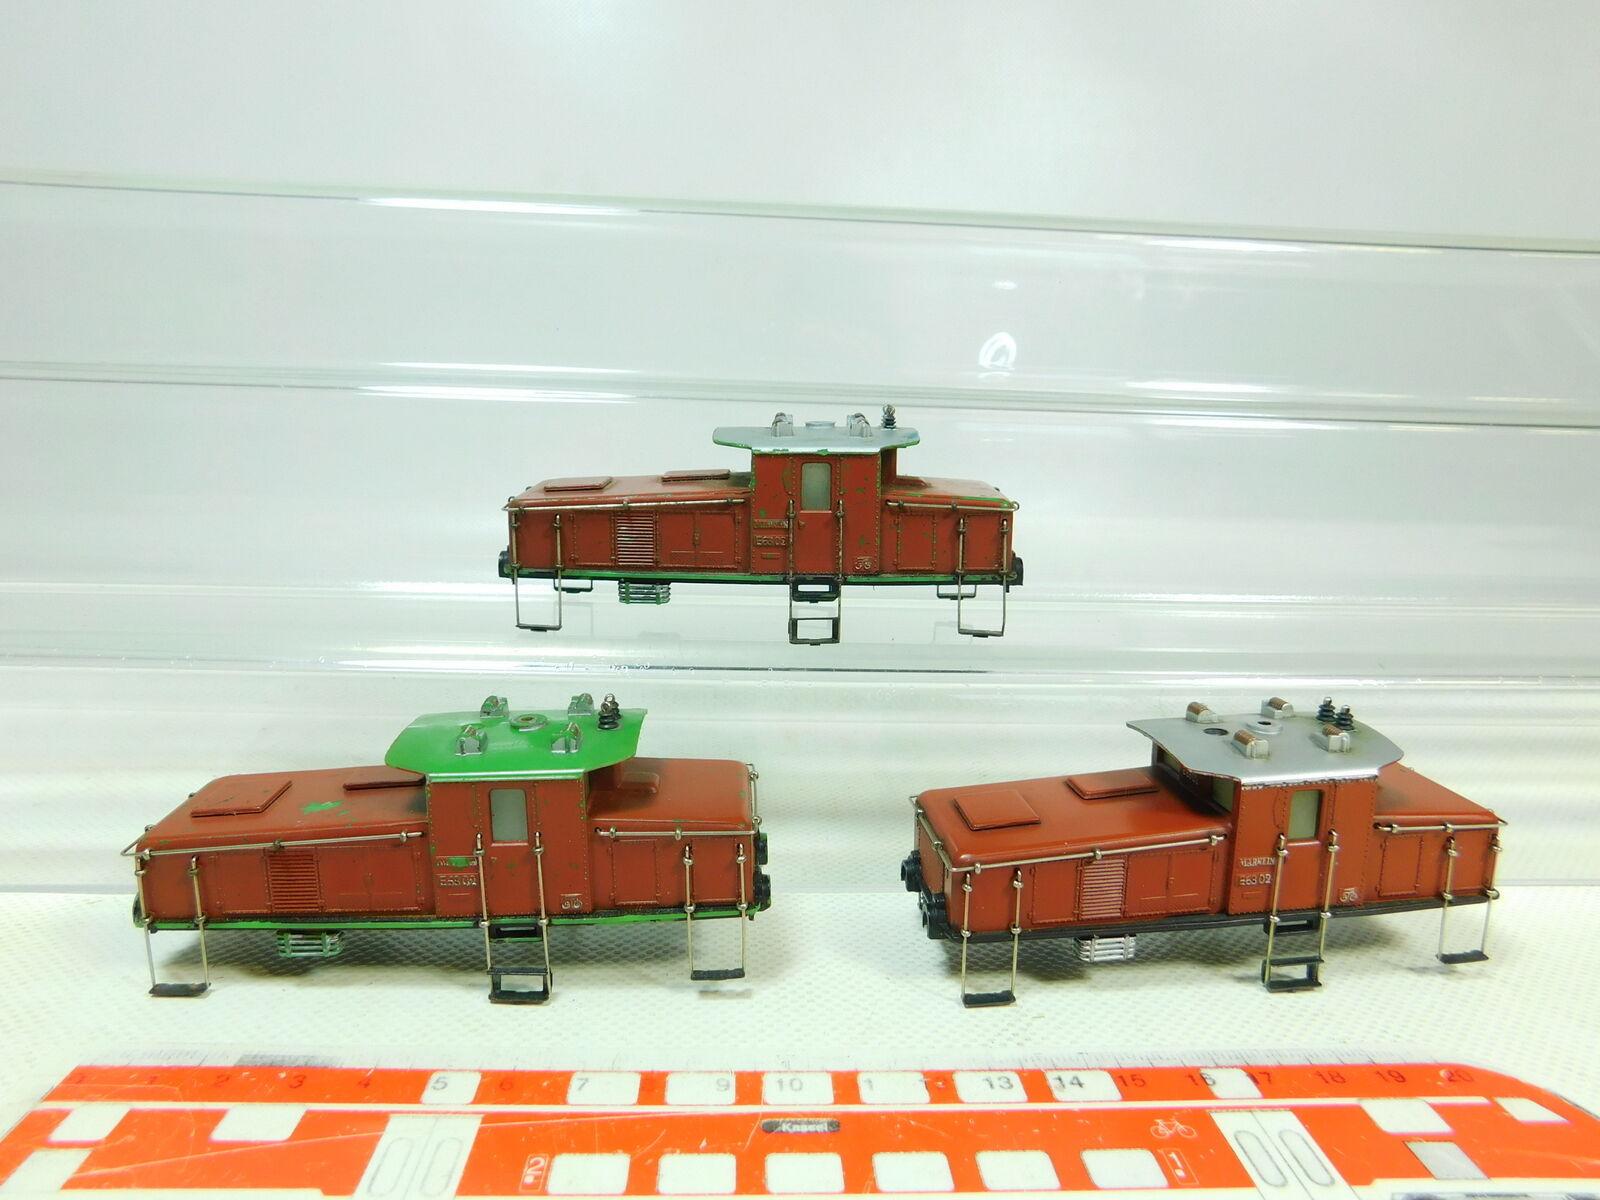 Bu306-0, 5  3x   h0 chassis per CE 800/3001 E-Lok 1-mal, 3000, 2. scelta/Ben